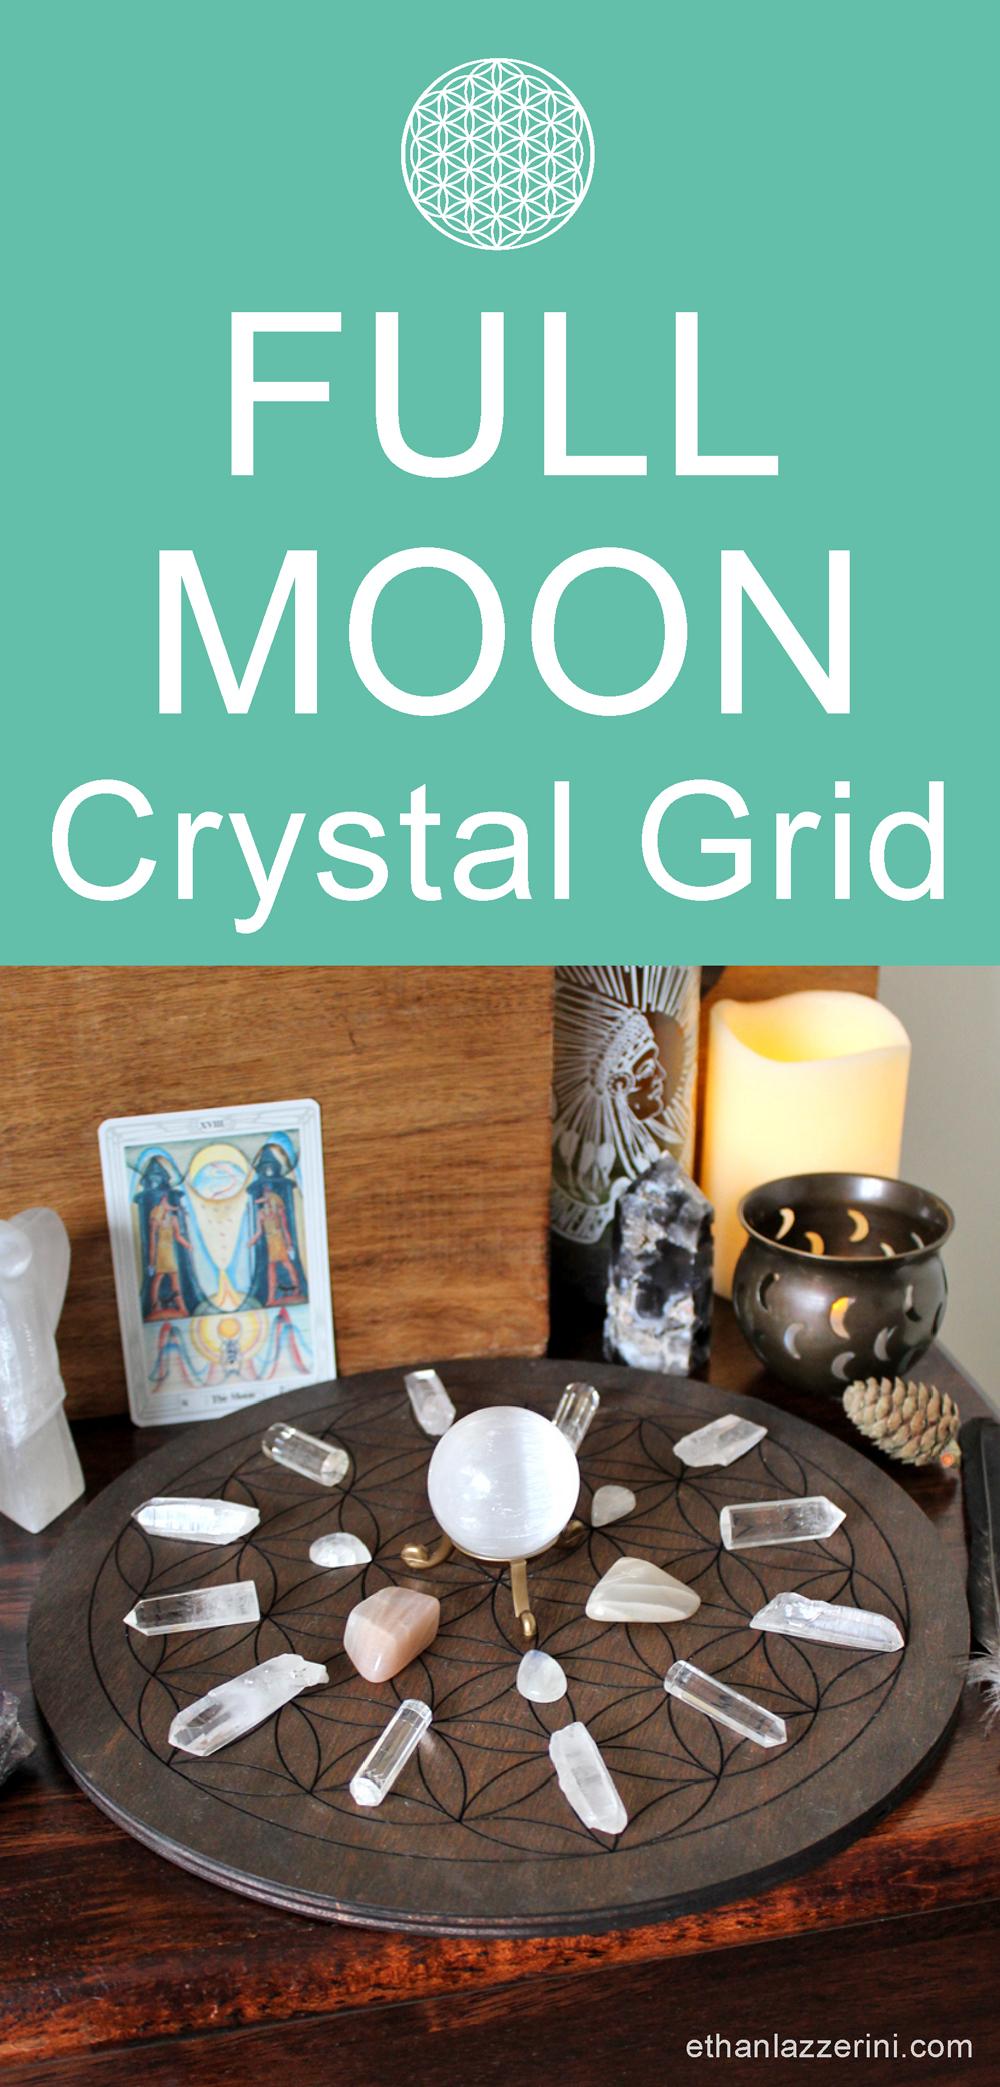 Full Moon Crystal Grid